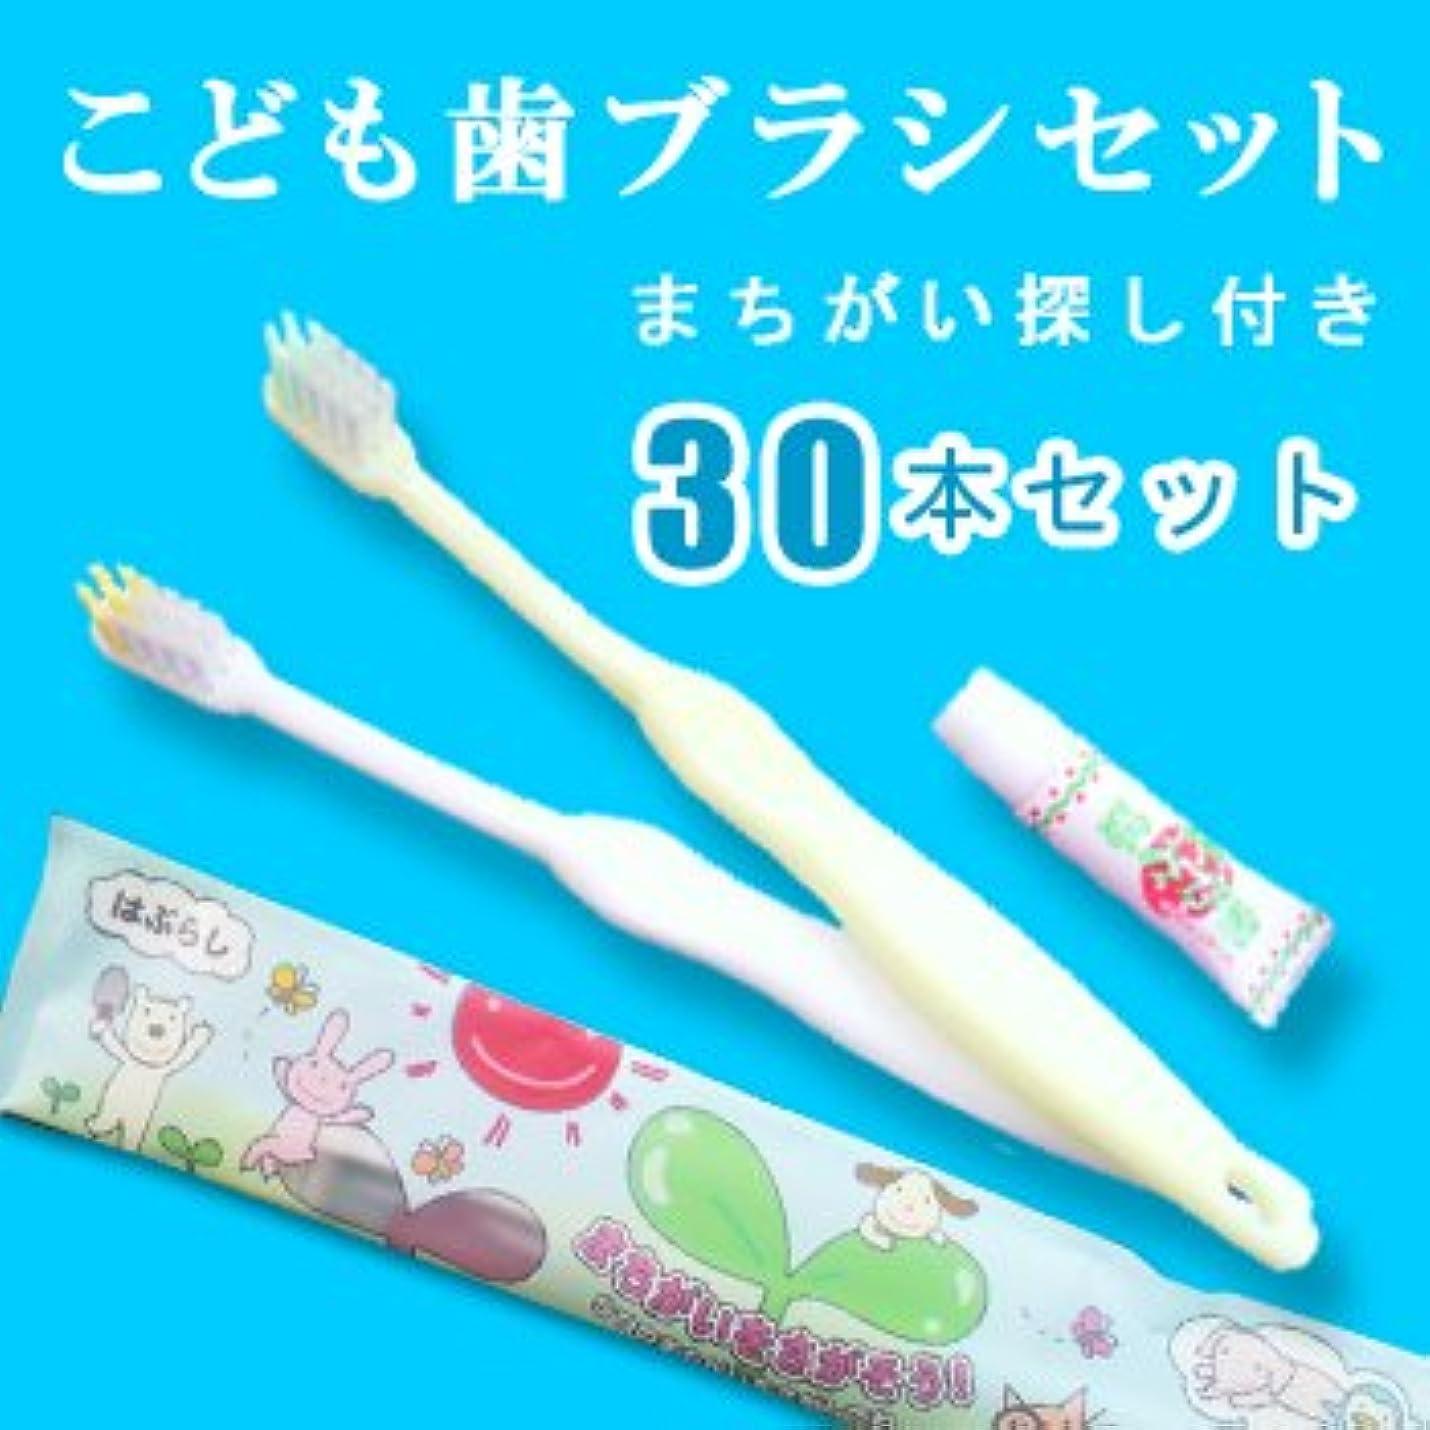 危機だらしないキャストこども歯ブラシ いちご味の歯磨き粉3gチューブ付 ホワイト?イエロー各15本アソート(1セット30本)